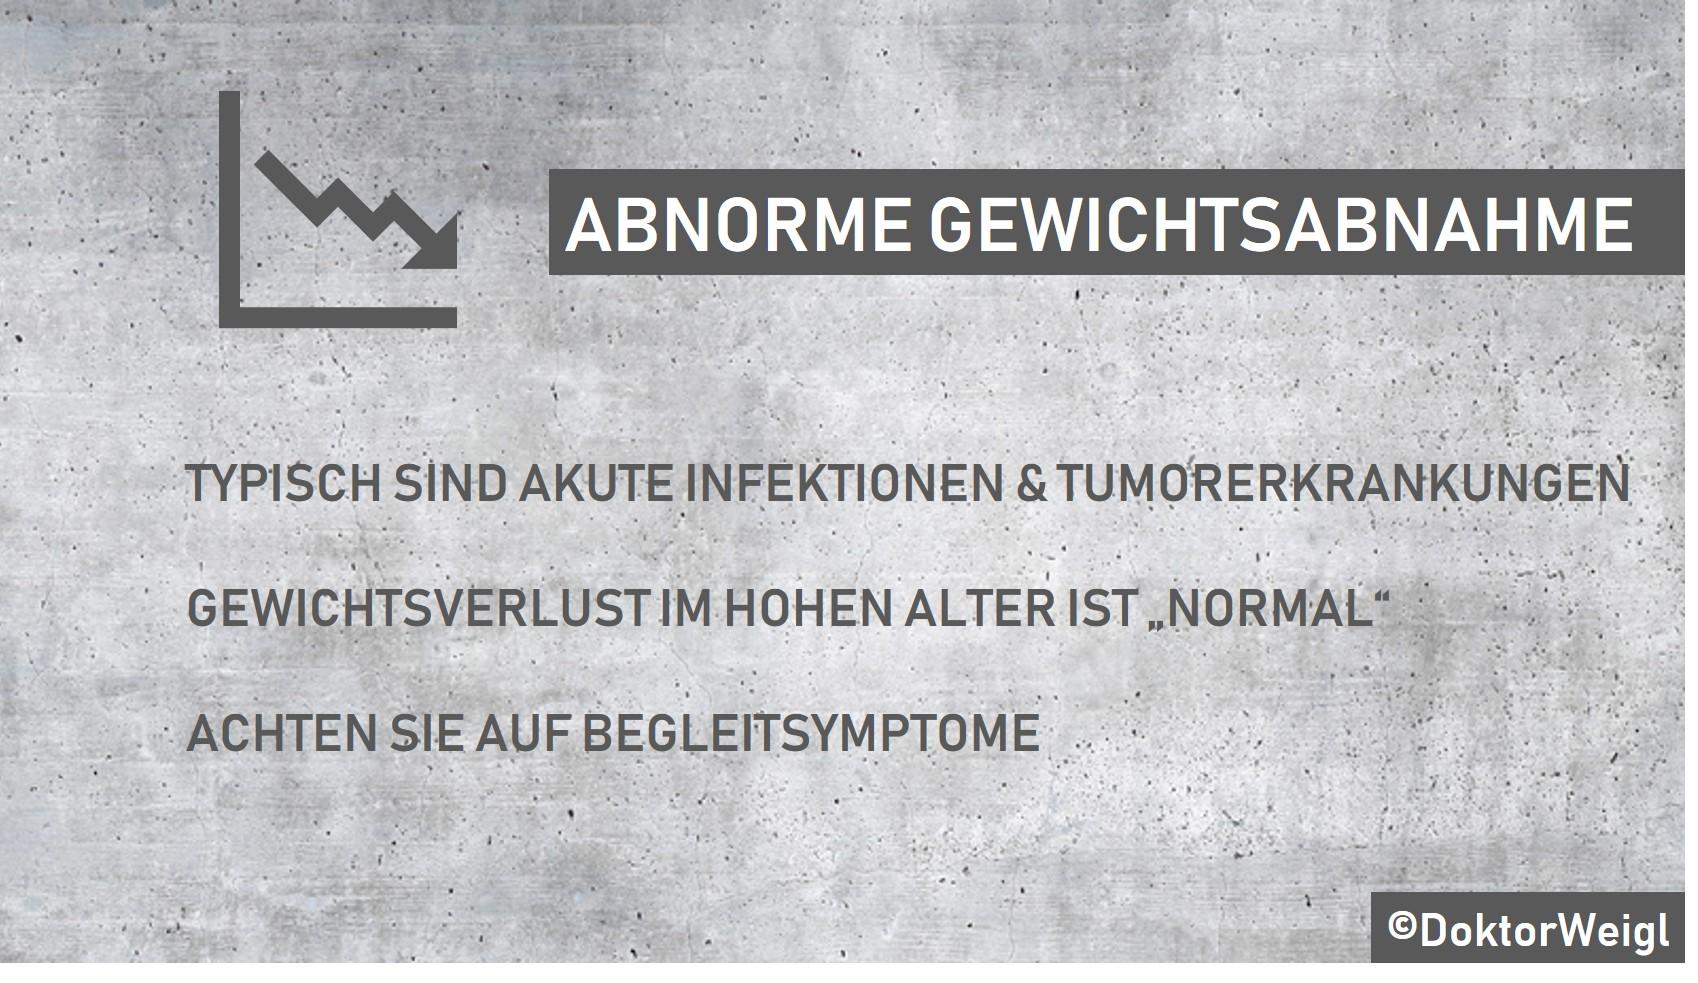 Bluthochdruck Amenorrhoe Gewichtsverlust Nerven Reizbarkeit